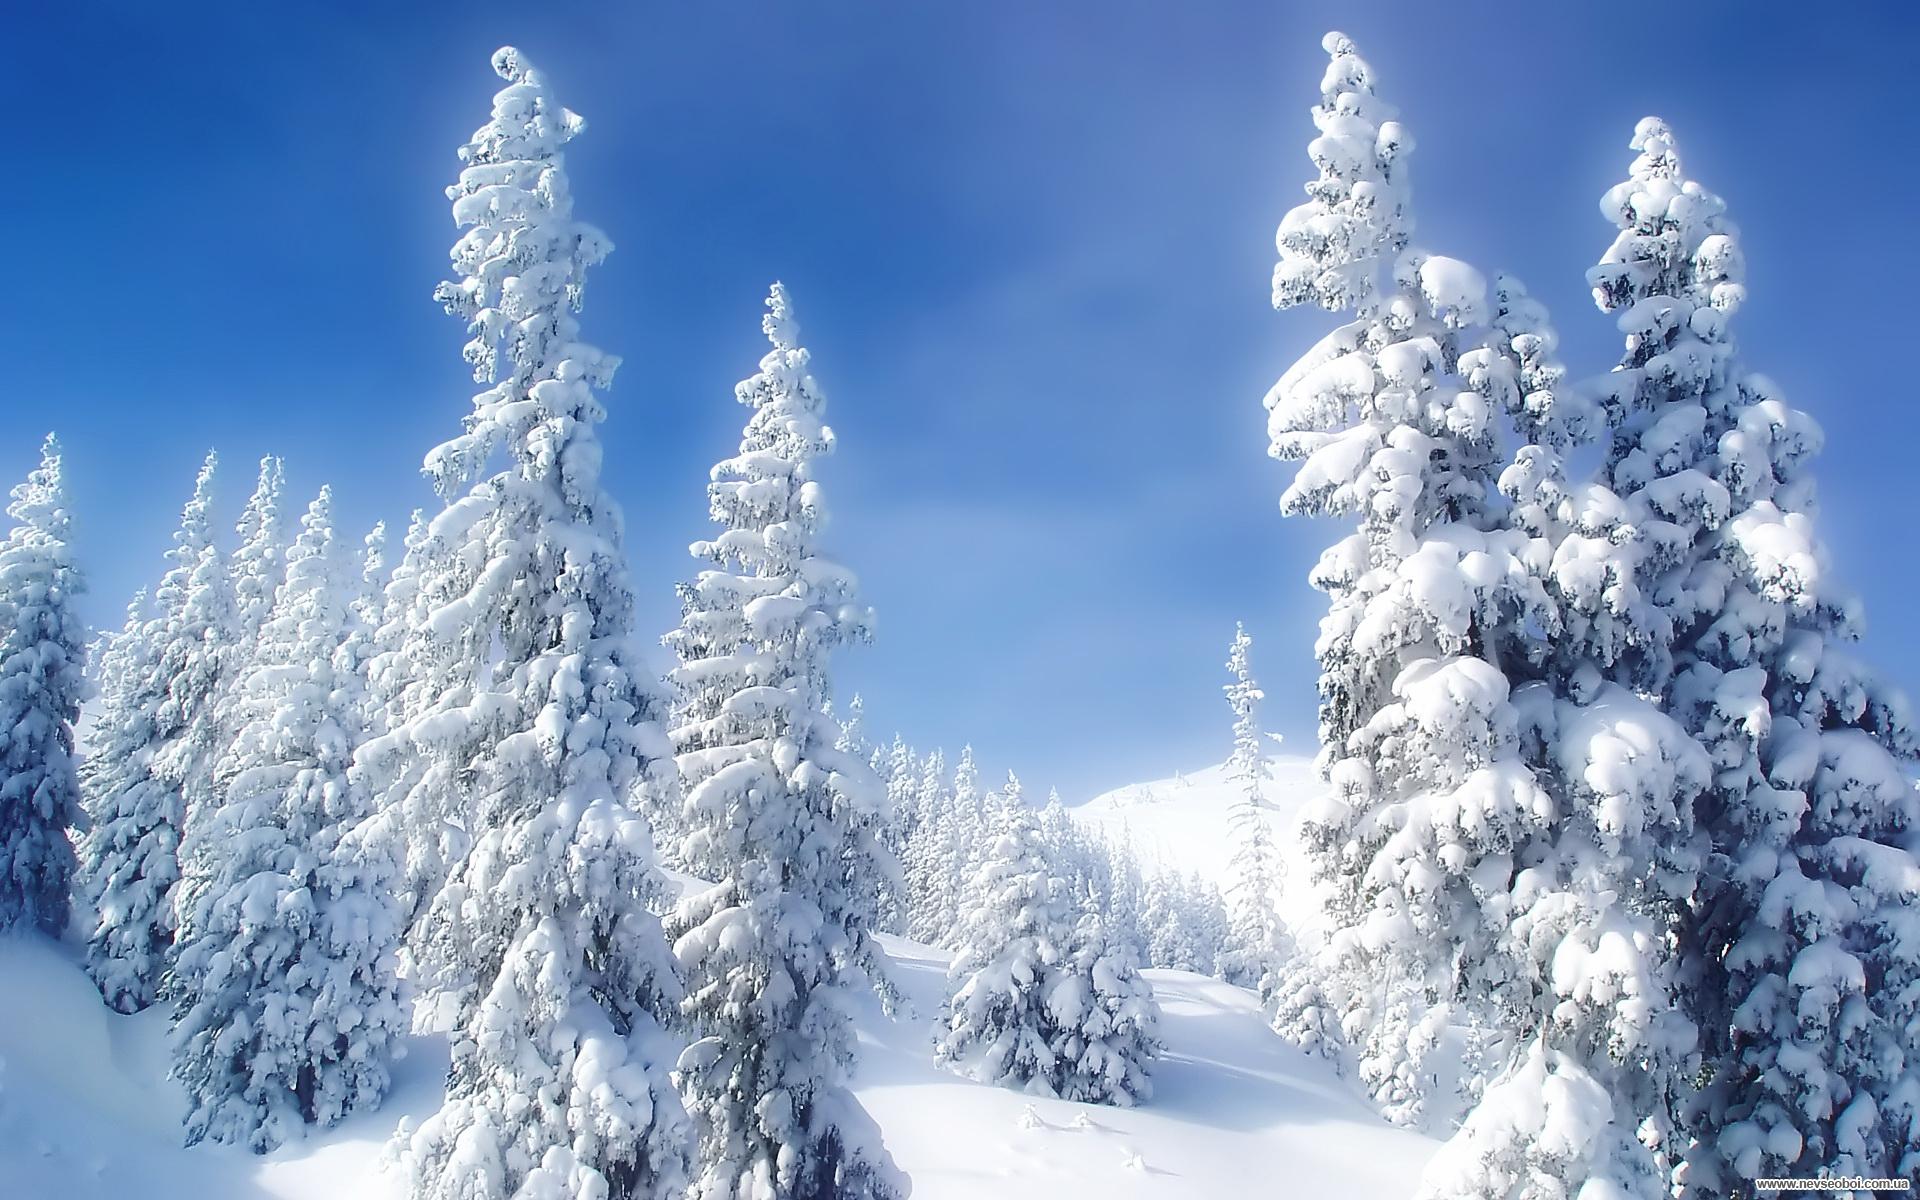 Скачать обои на рабочий стол зима лес